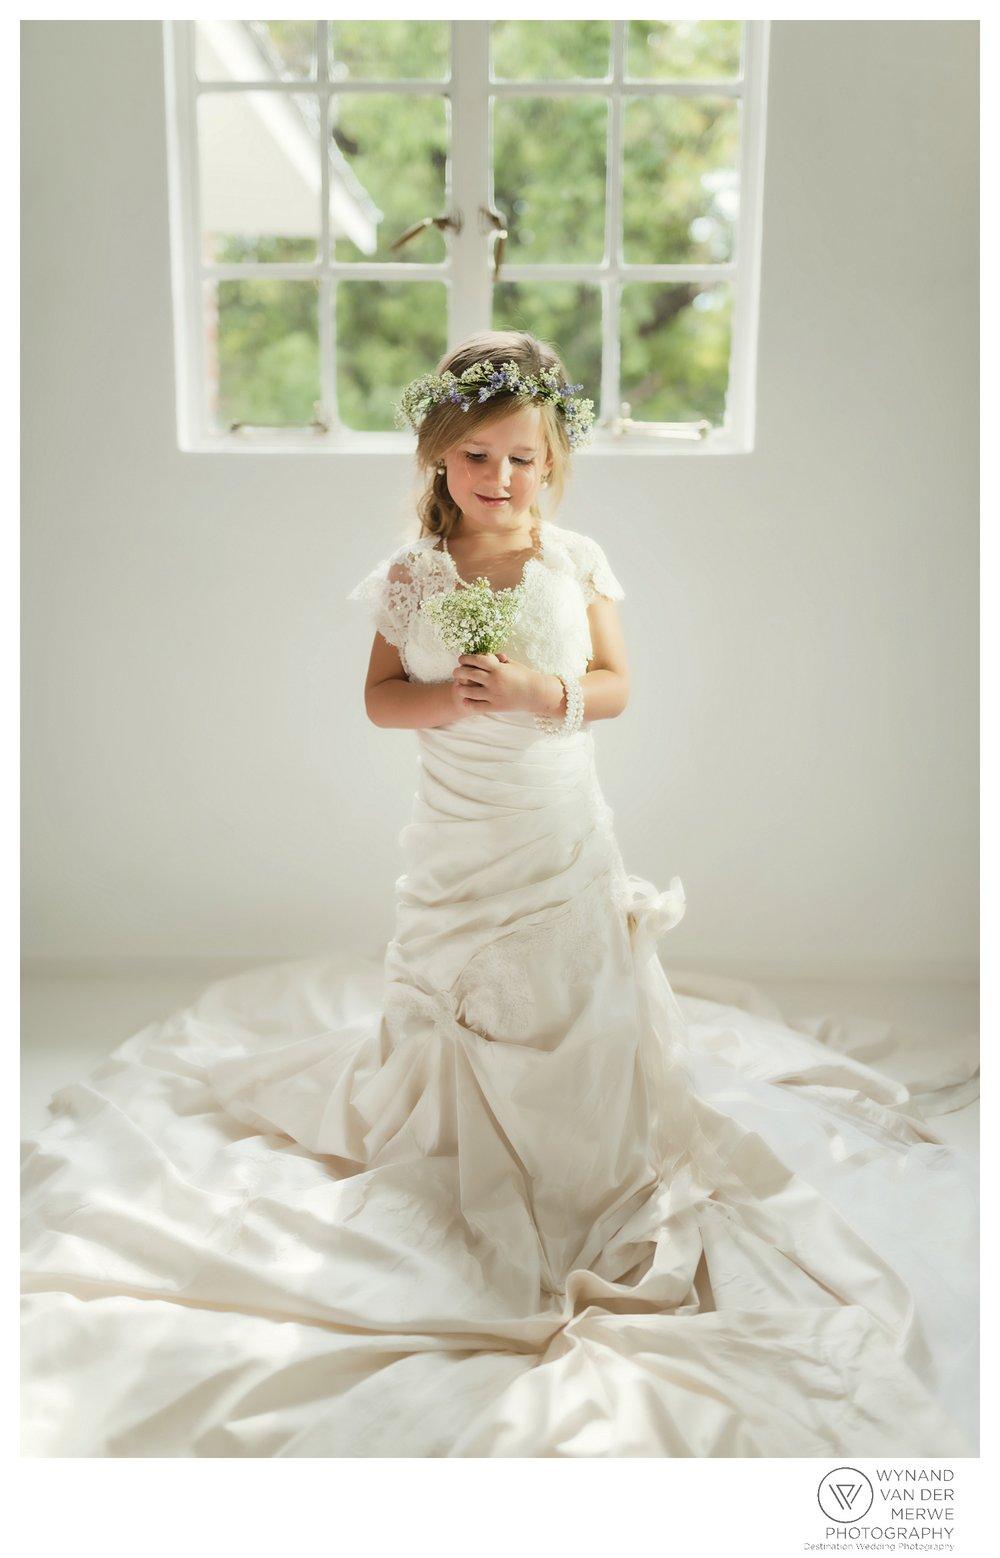 WvdM_hertfordcountryhotel_styledshoot_children_momsdress_weddingdress_inspirationshoot_gauteng_southafrica-11.jpg